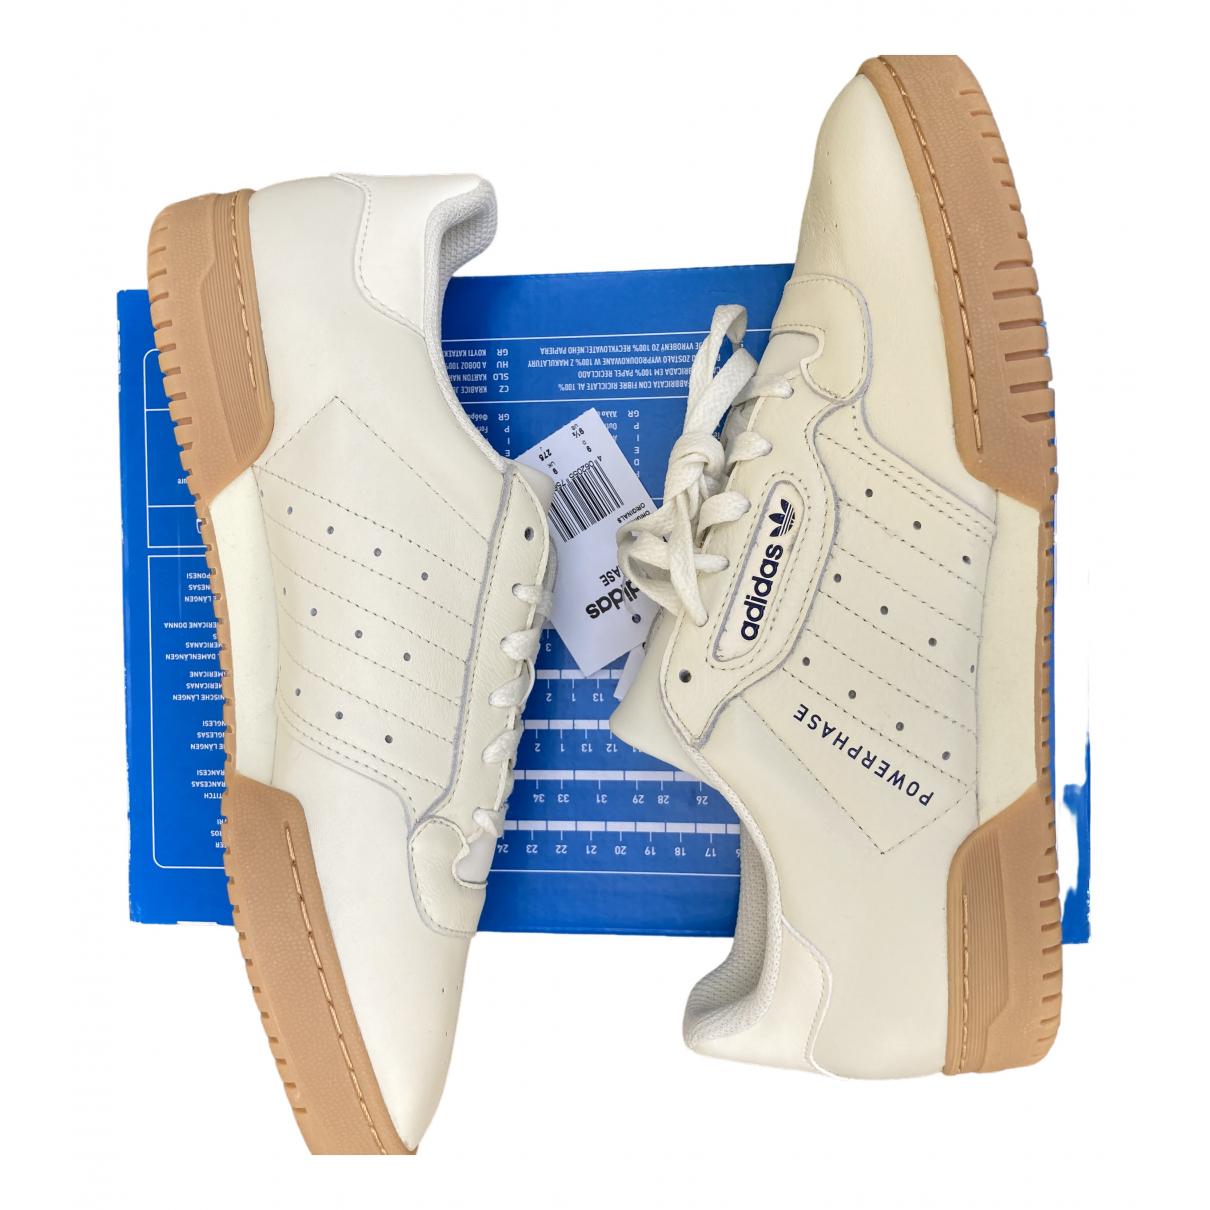 Adidas - Baskets   pour homme en cuir - beige